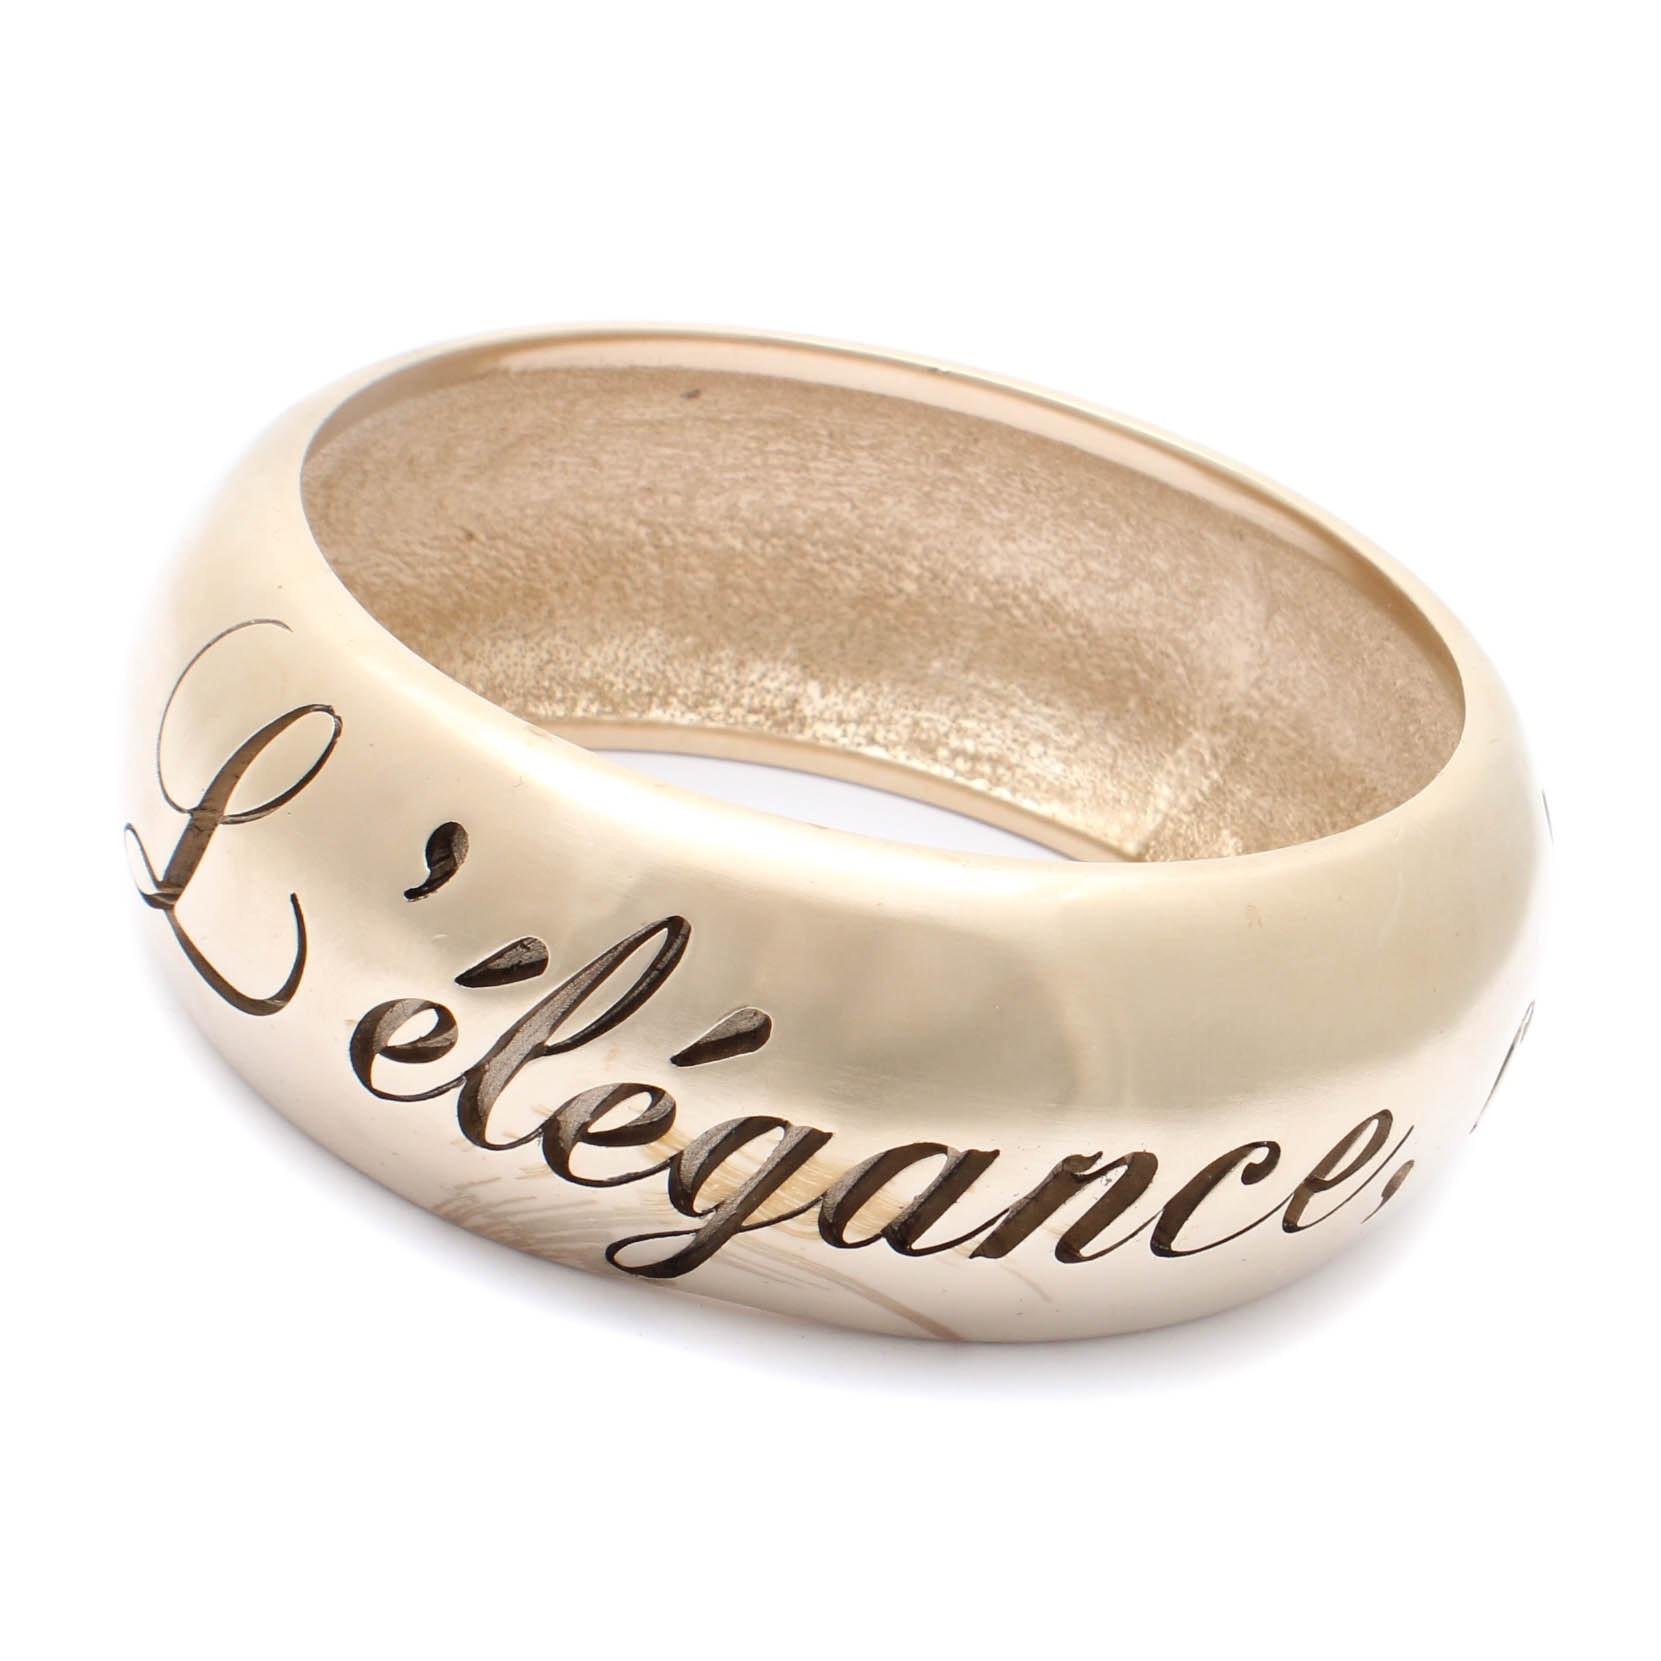 Chanel L'elegance Gold Tone Bangle Bracelet